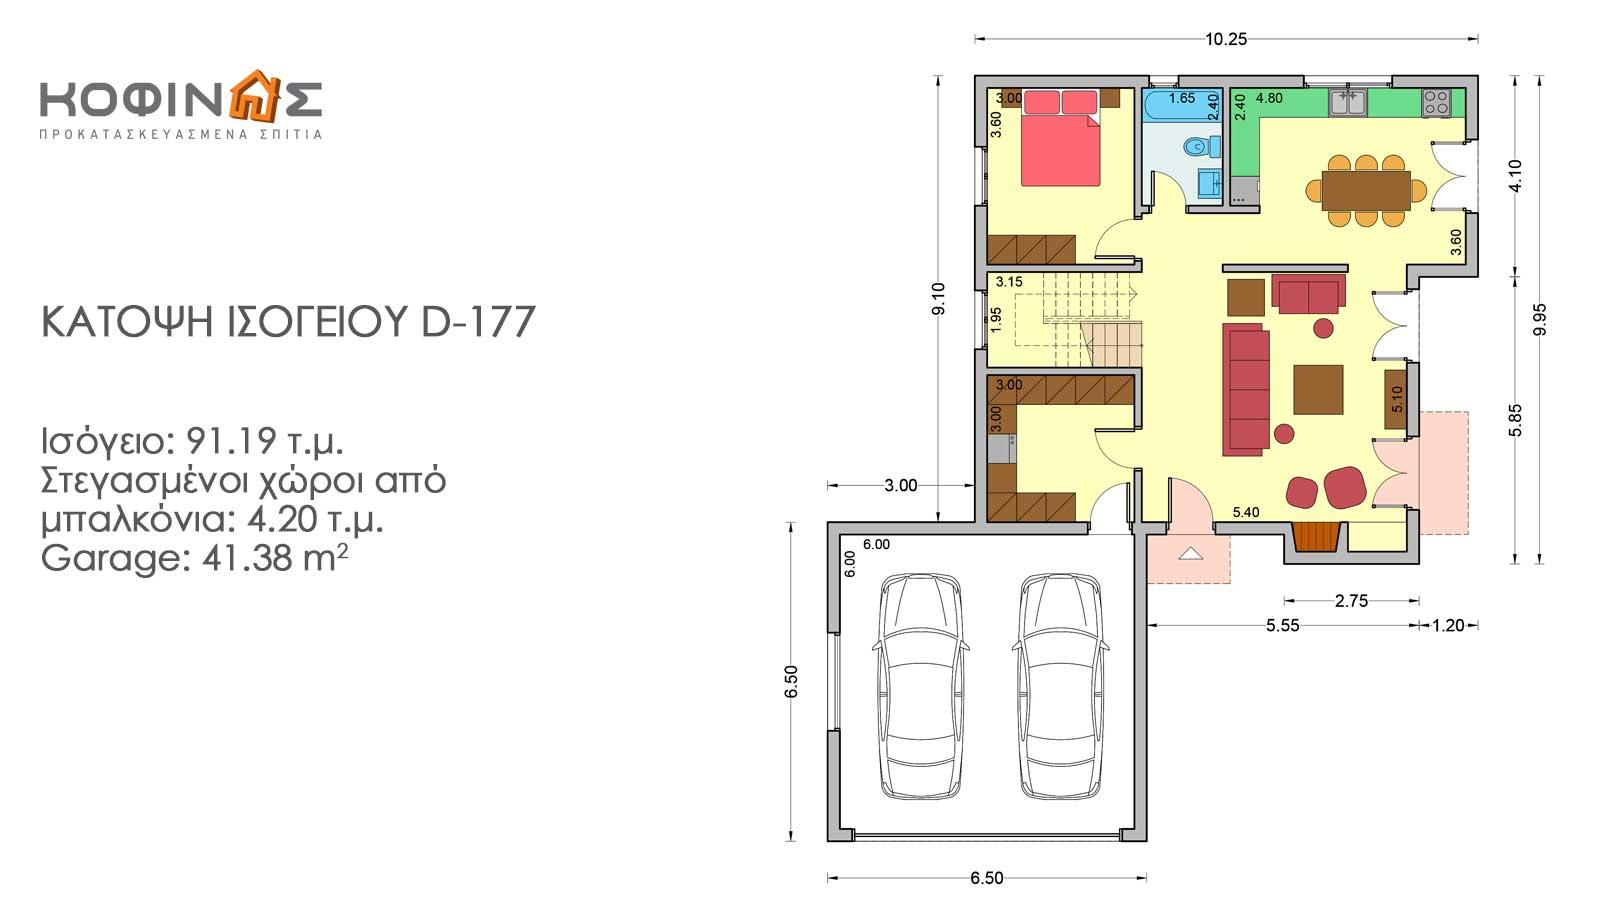 Διώροφη Κατοικία D-177, συνολικής επιφάνειας 177,46 τ.μ.